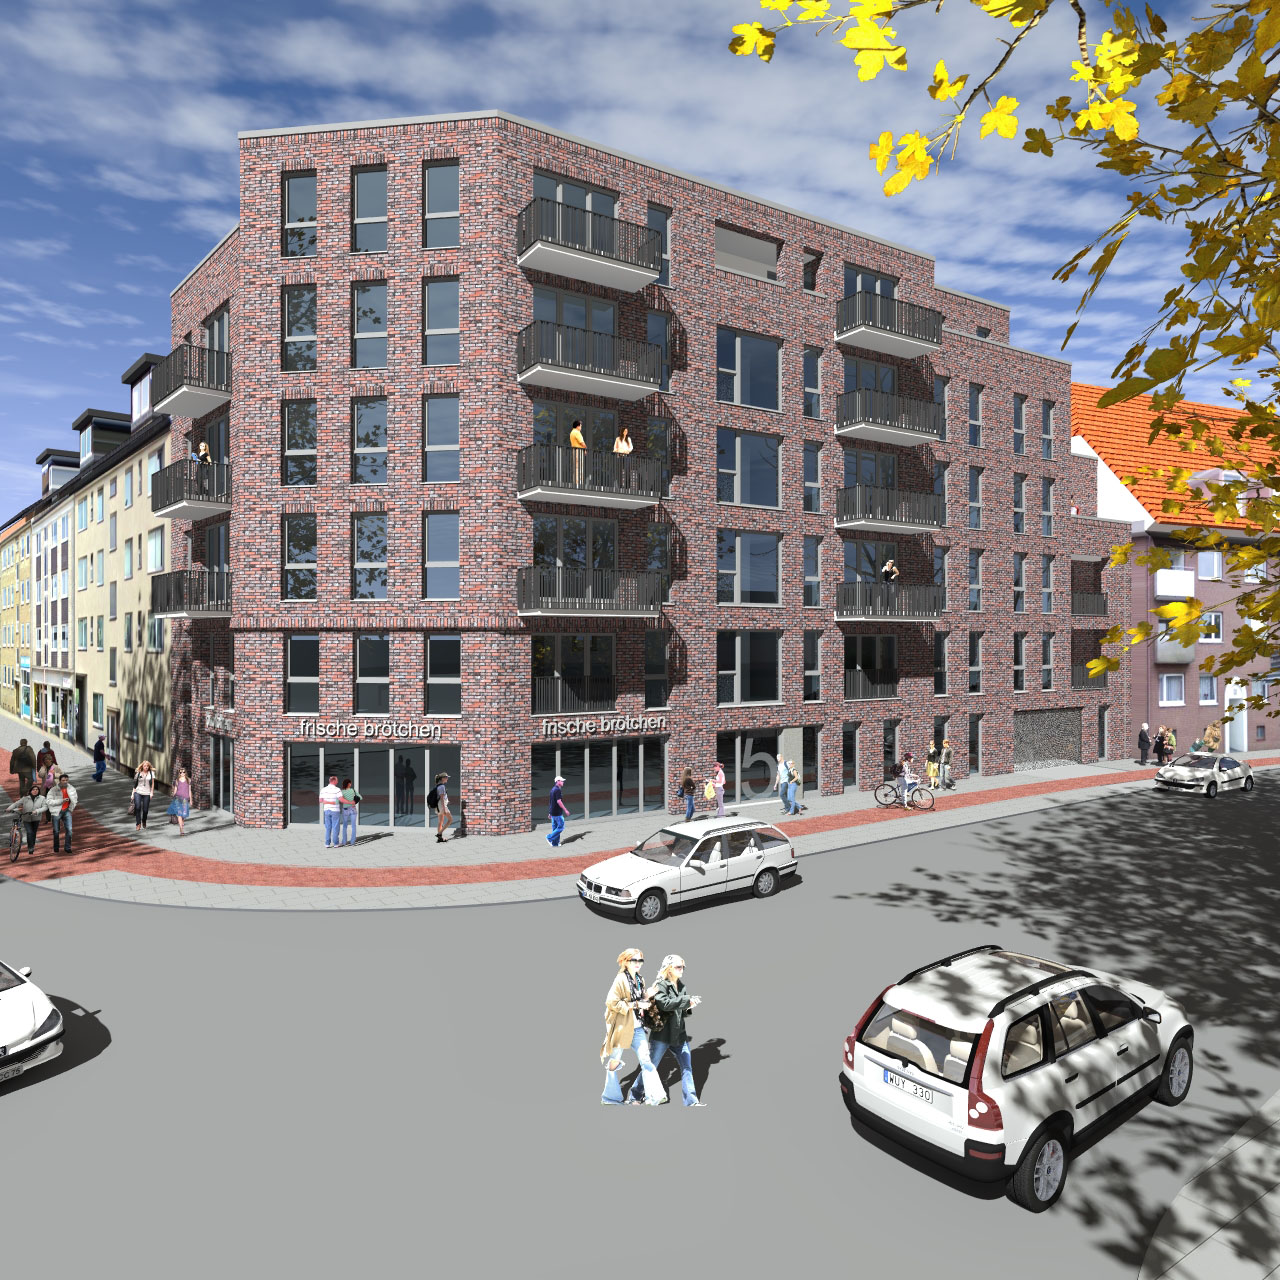 Vorbescheidsgenehmigung Wohngebäude Hamburg 02